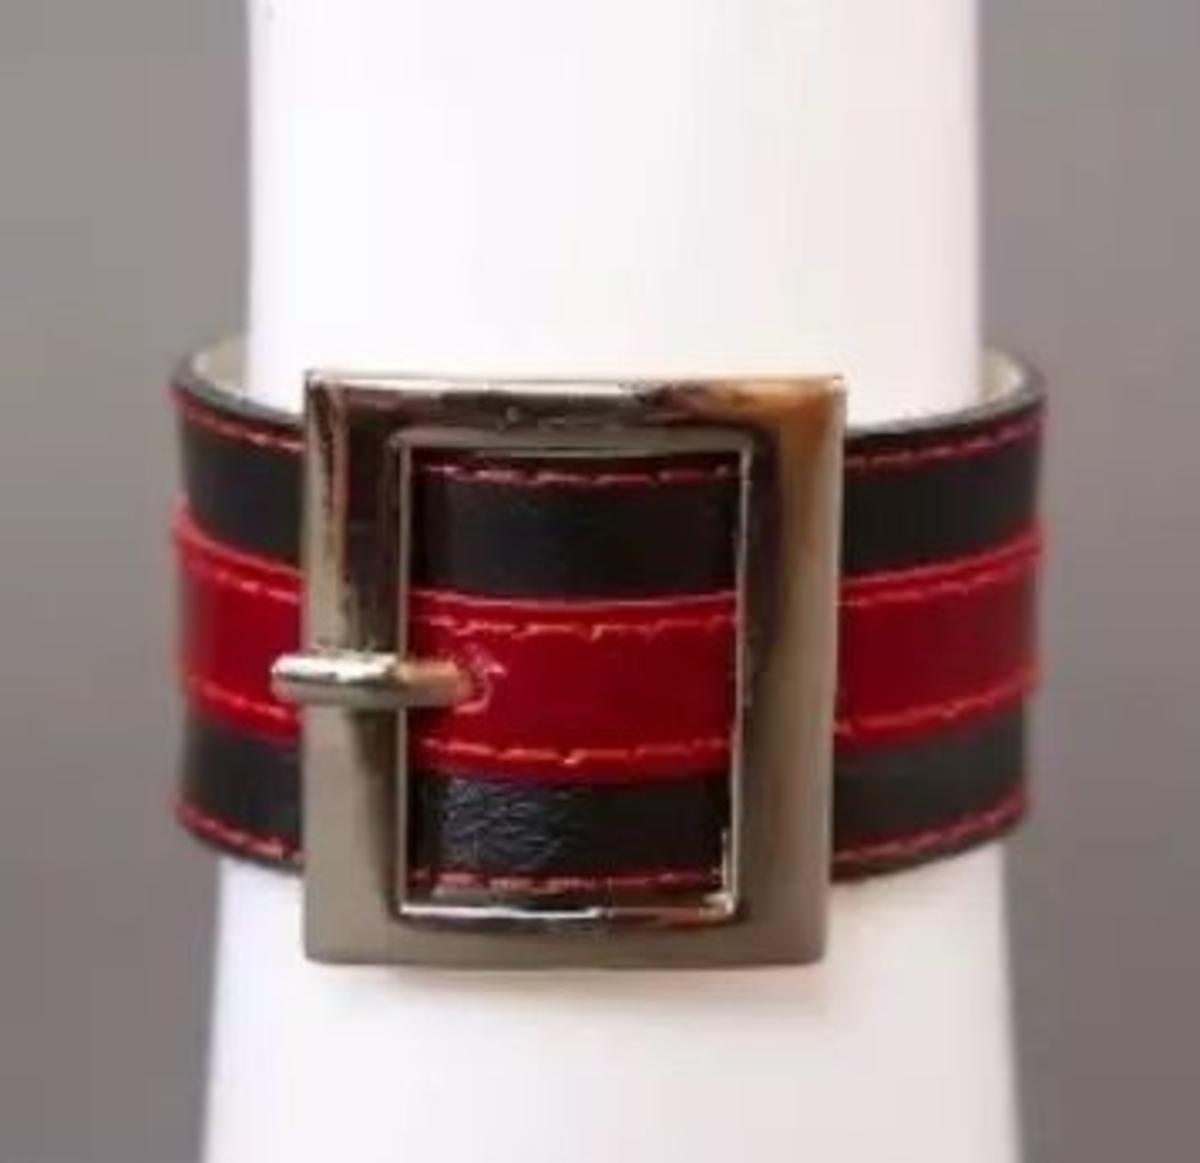 АКЦИЯ 15%! Браслет с квадратной пряжкой, натуральная кожа, черно-красный